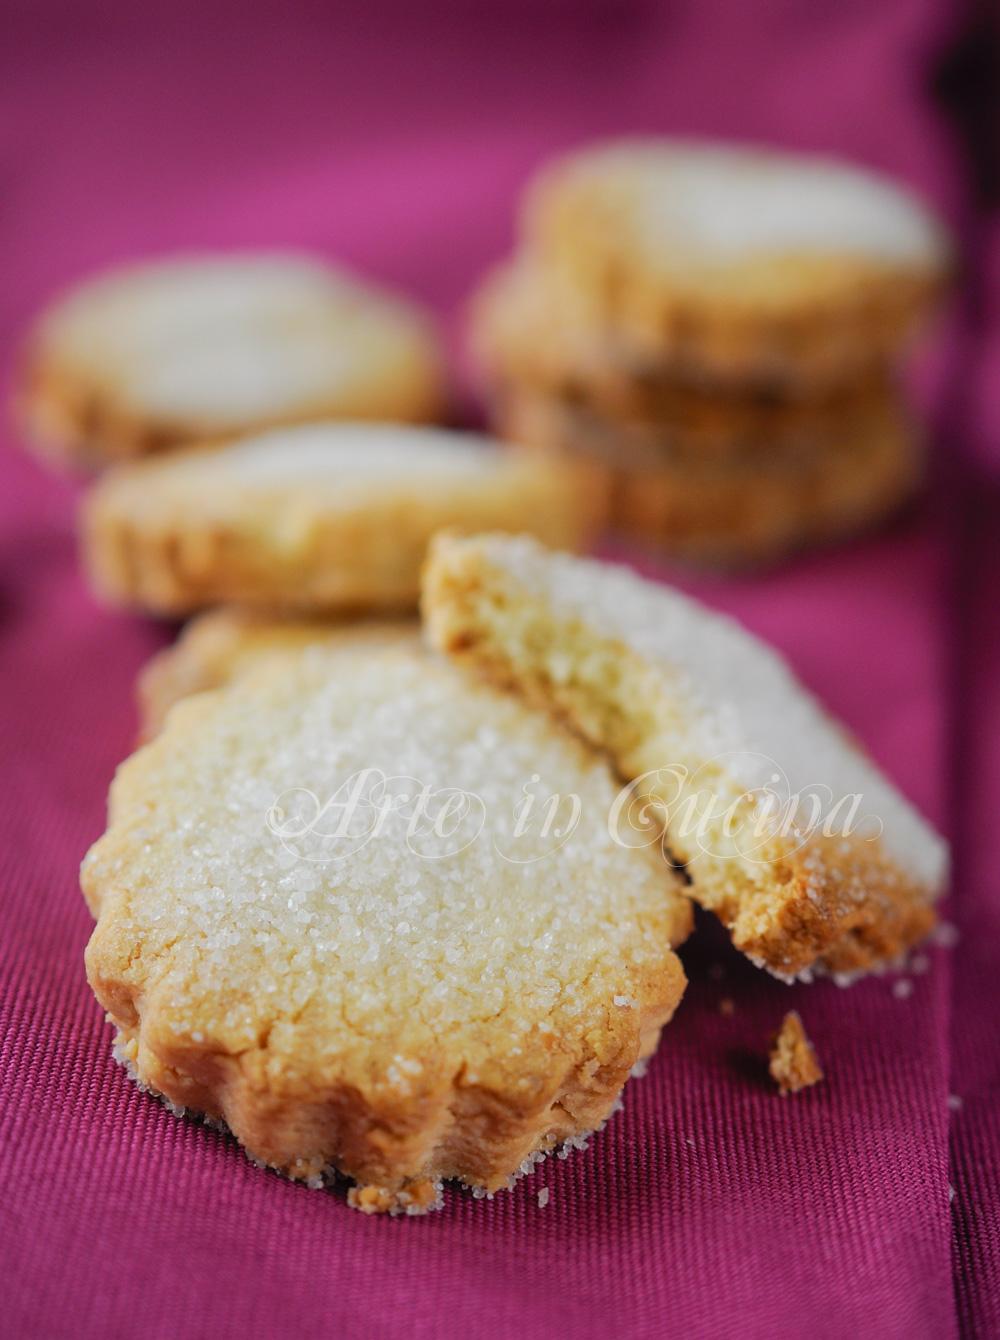 Frollini alla granella di mandorla ricetta biscotti vickyart arte in cucina